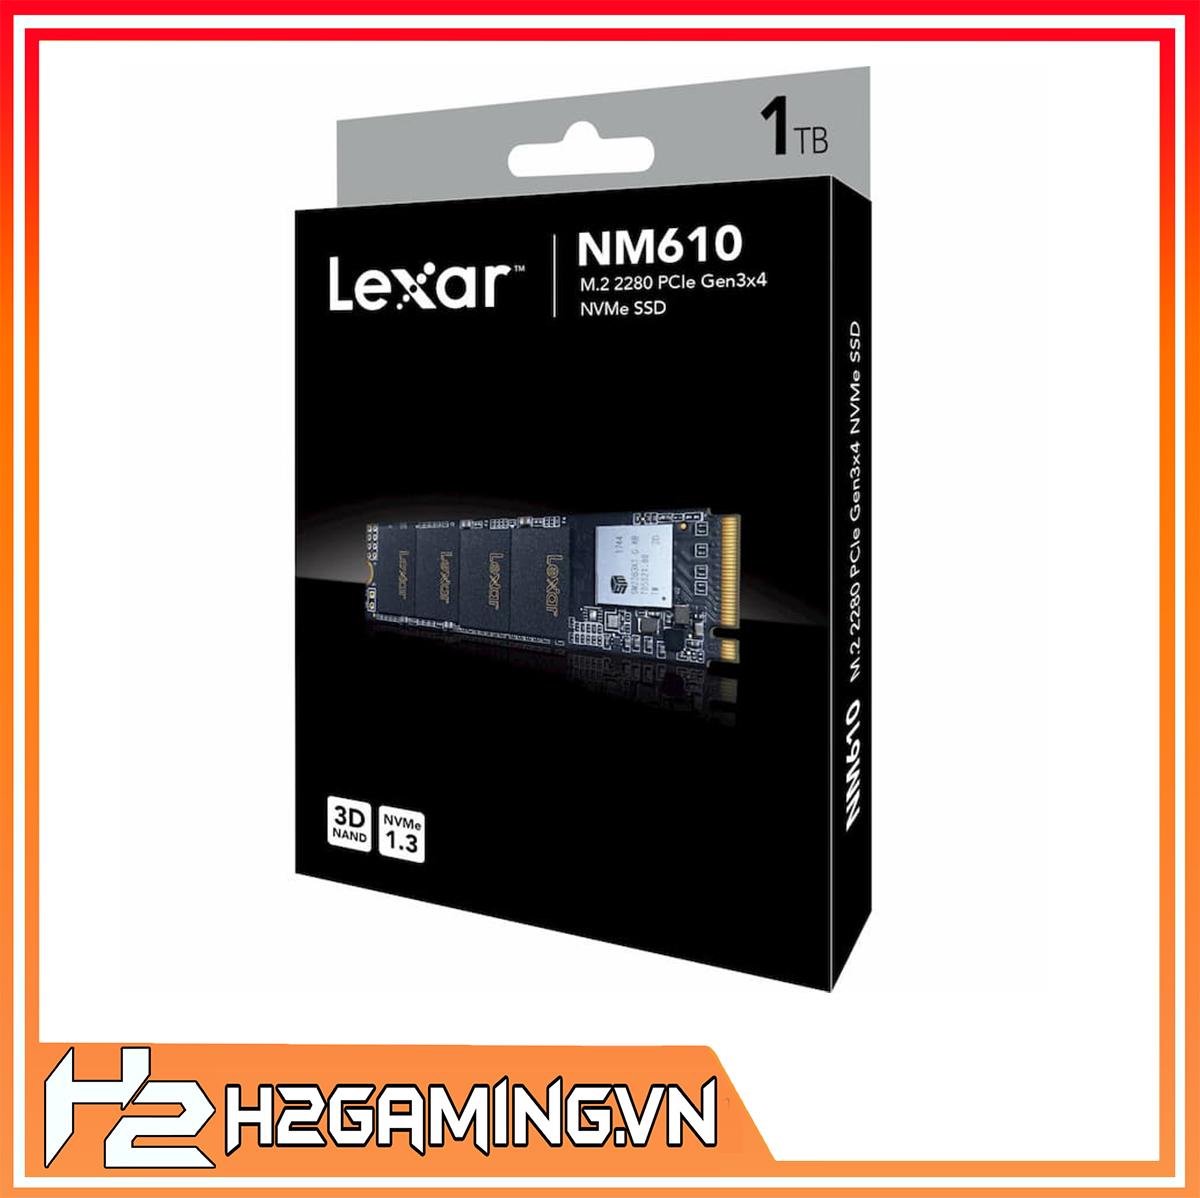 SSD_Lexar_NM610_1TB_M2_2280_NVMe_LNM610-1TRBNA